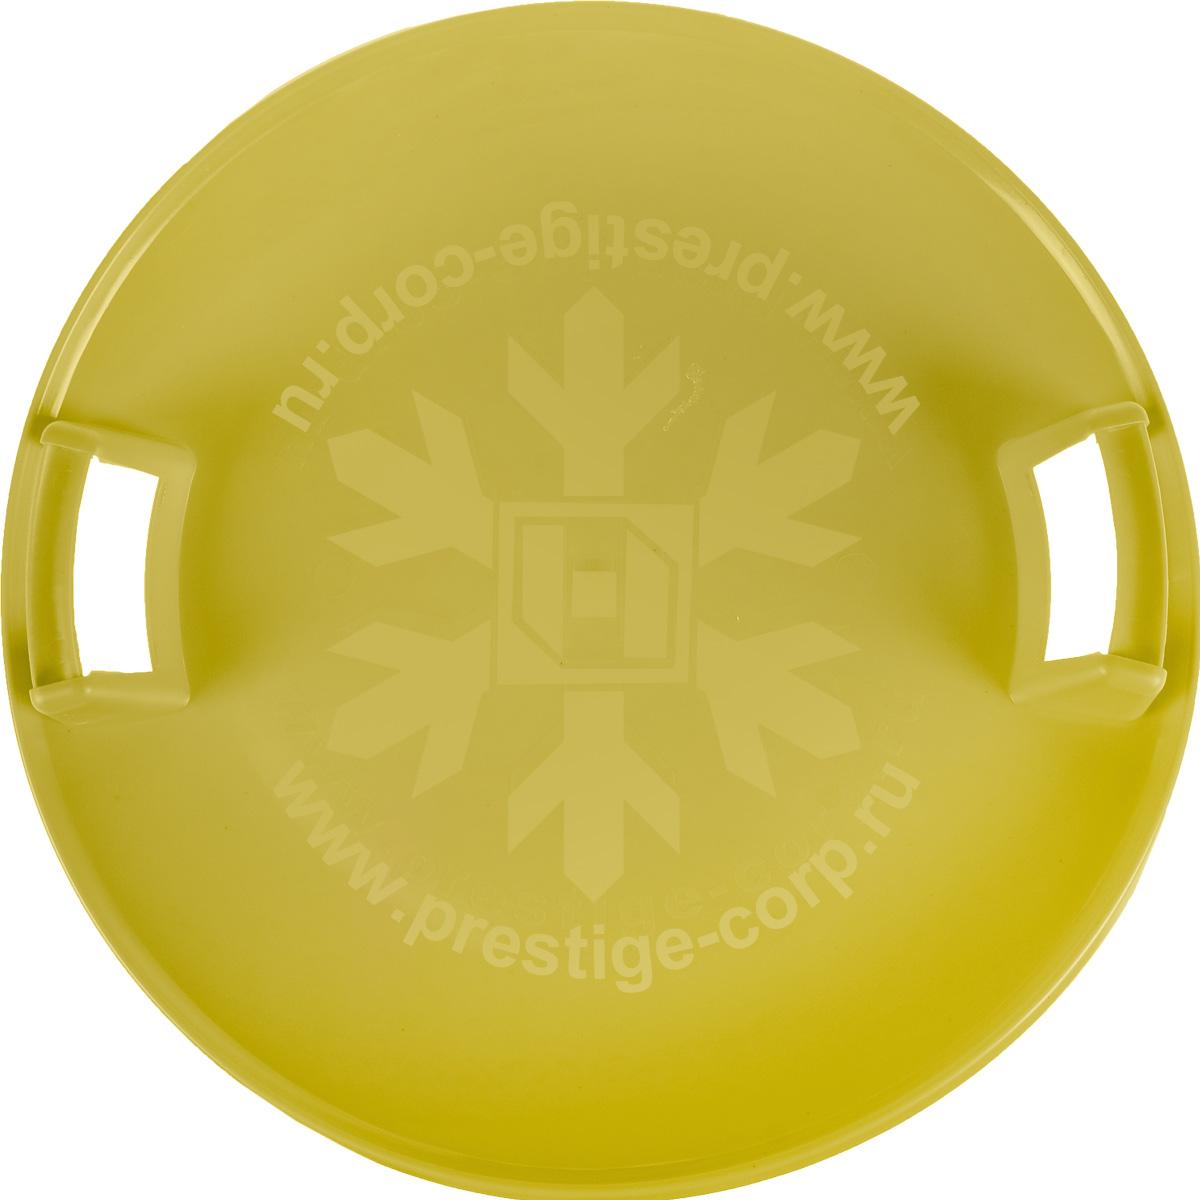 Санки-ледянки Престиж Экстрим, с ручками, цвет: желтый, диаметр 59 см336915Любимая детская зимняя забава - это катание с горки. Яркие санки-ледянки Престиж Экстрим станут незаменимым атрибутом этой веселой детской игры. Санки-ледянки Престиж Экстрим - это специальная пластиковая тарелка, облегчающая скольжение и увеличивающая скорость движения по горке. Круглая ледянка выполнена из прочного морозоустойчивого пластика и снабжена двумя удобными ручками, чтобы катание вашего ребенка было безопасным. Отличная скорость, прочный материал и спуск, который можно закончить сидя спиной к низу горки - вот что может предоставить это изделие! Благодаря малому весу, ледянку, в отличие от обычных санок, легко нести с собой даже ребенку.